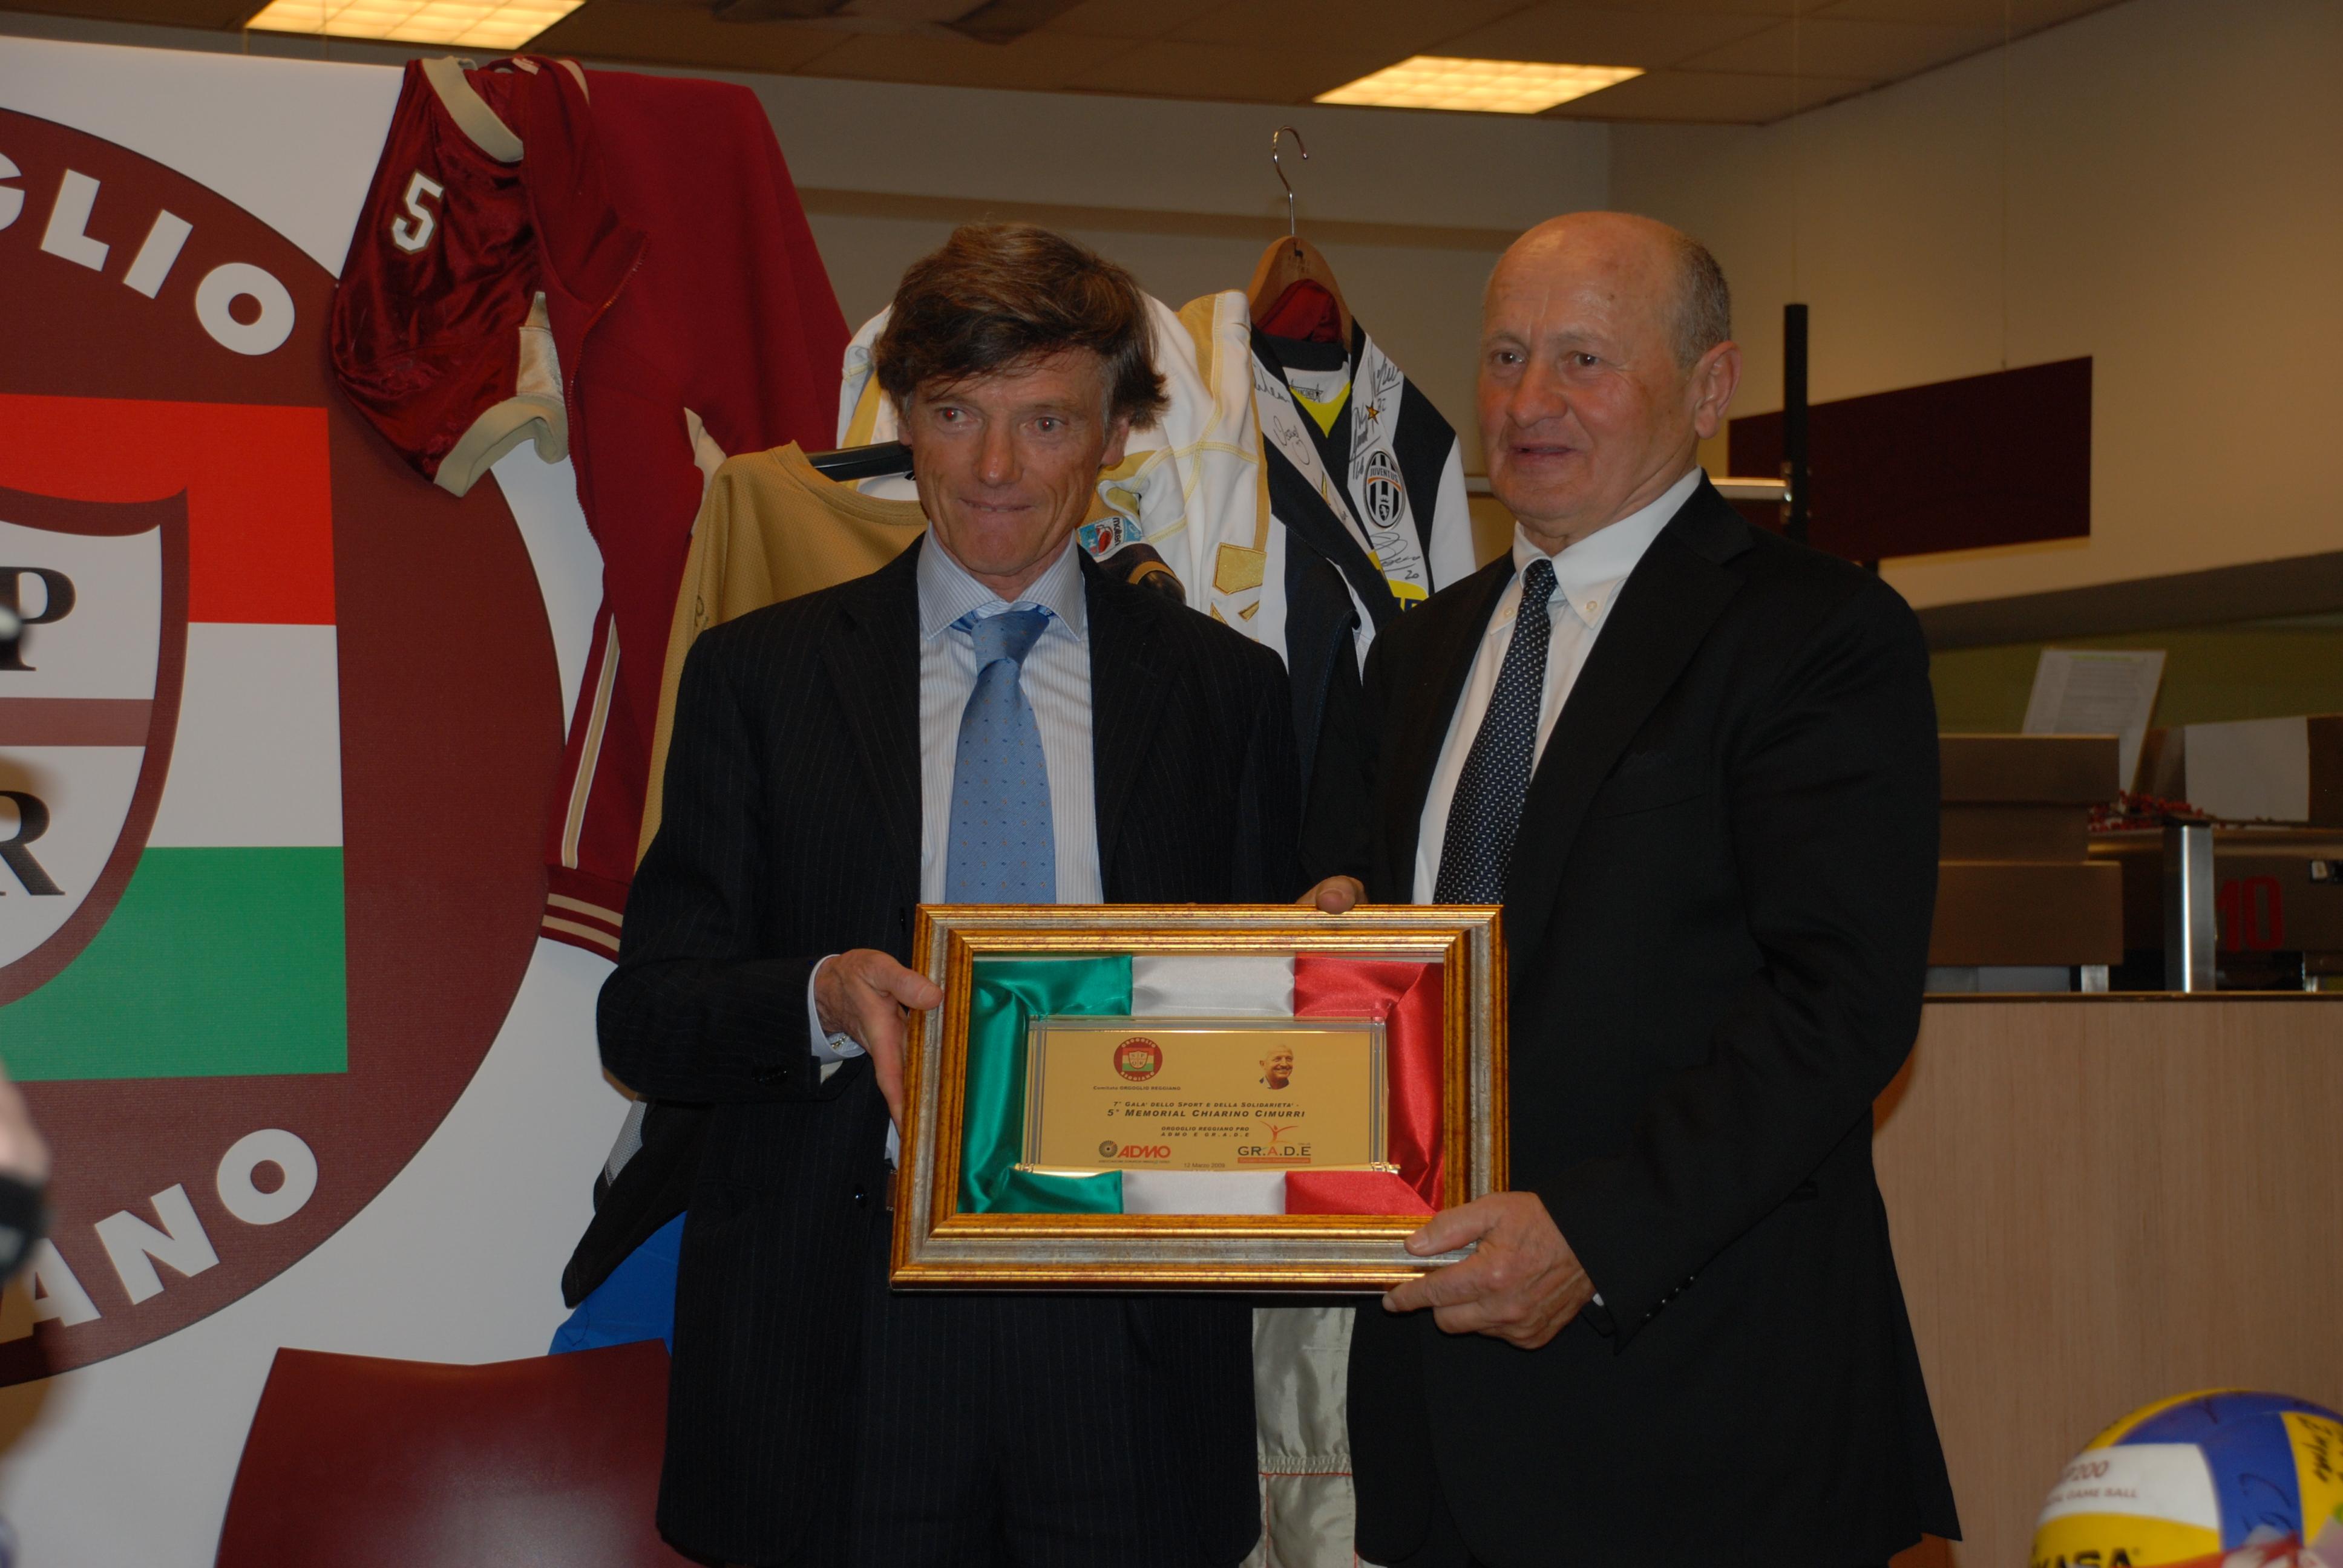 Gala dello Sport G.Cimurri consegna memorial Cimurri a B.Reverberi (Bardiani ciclismo)